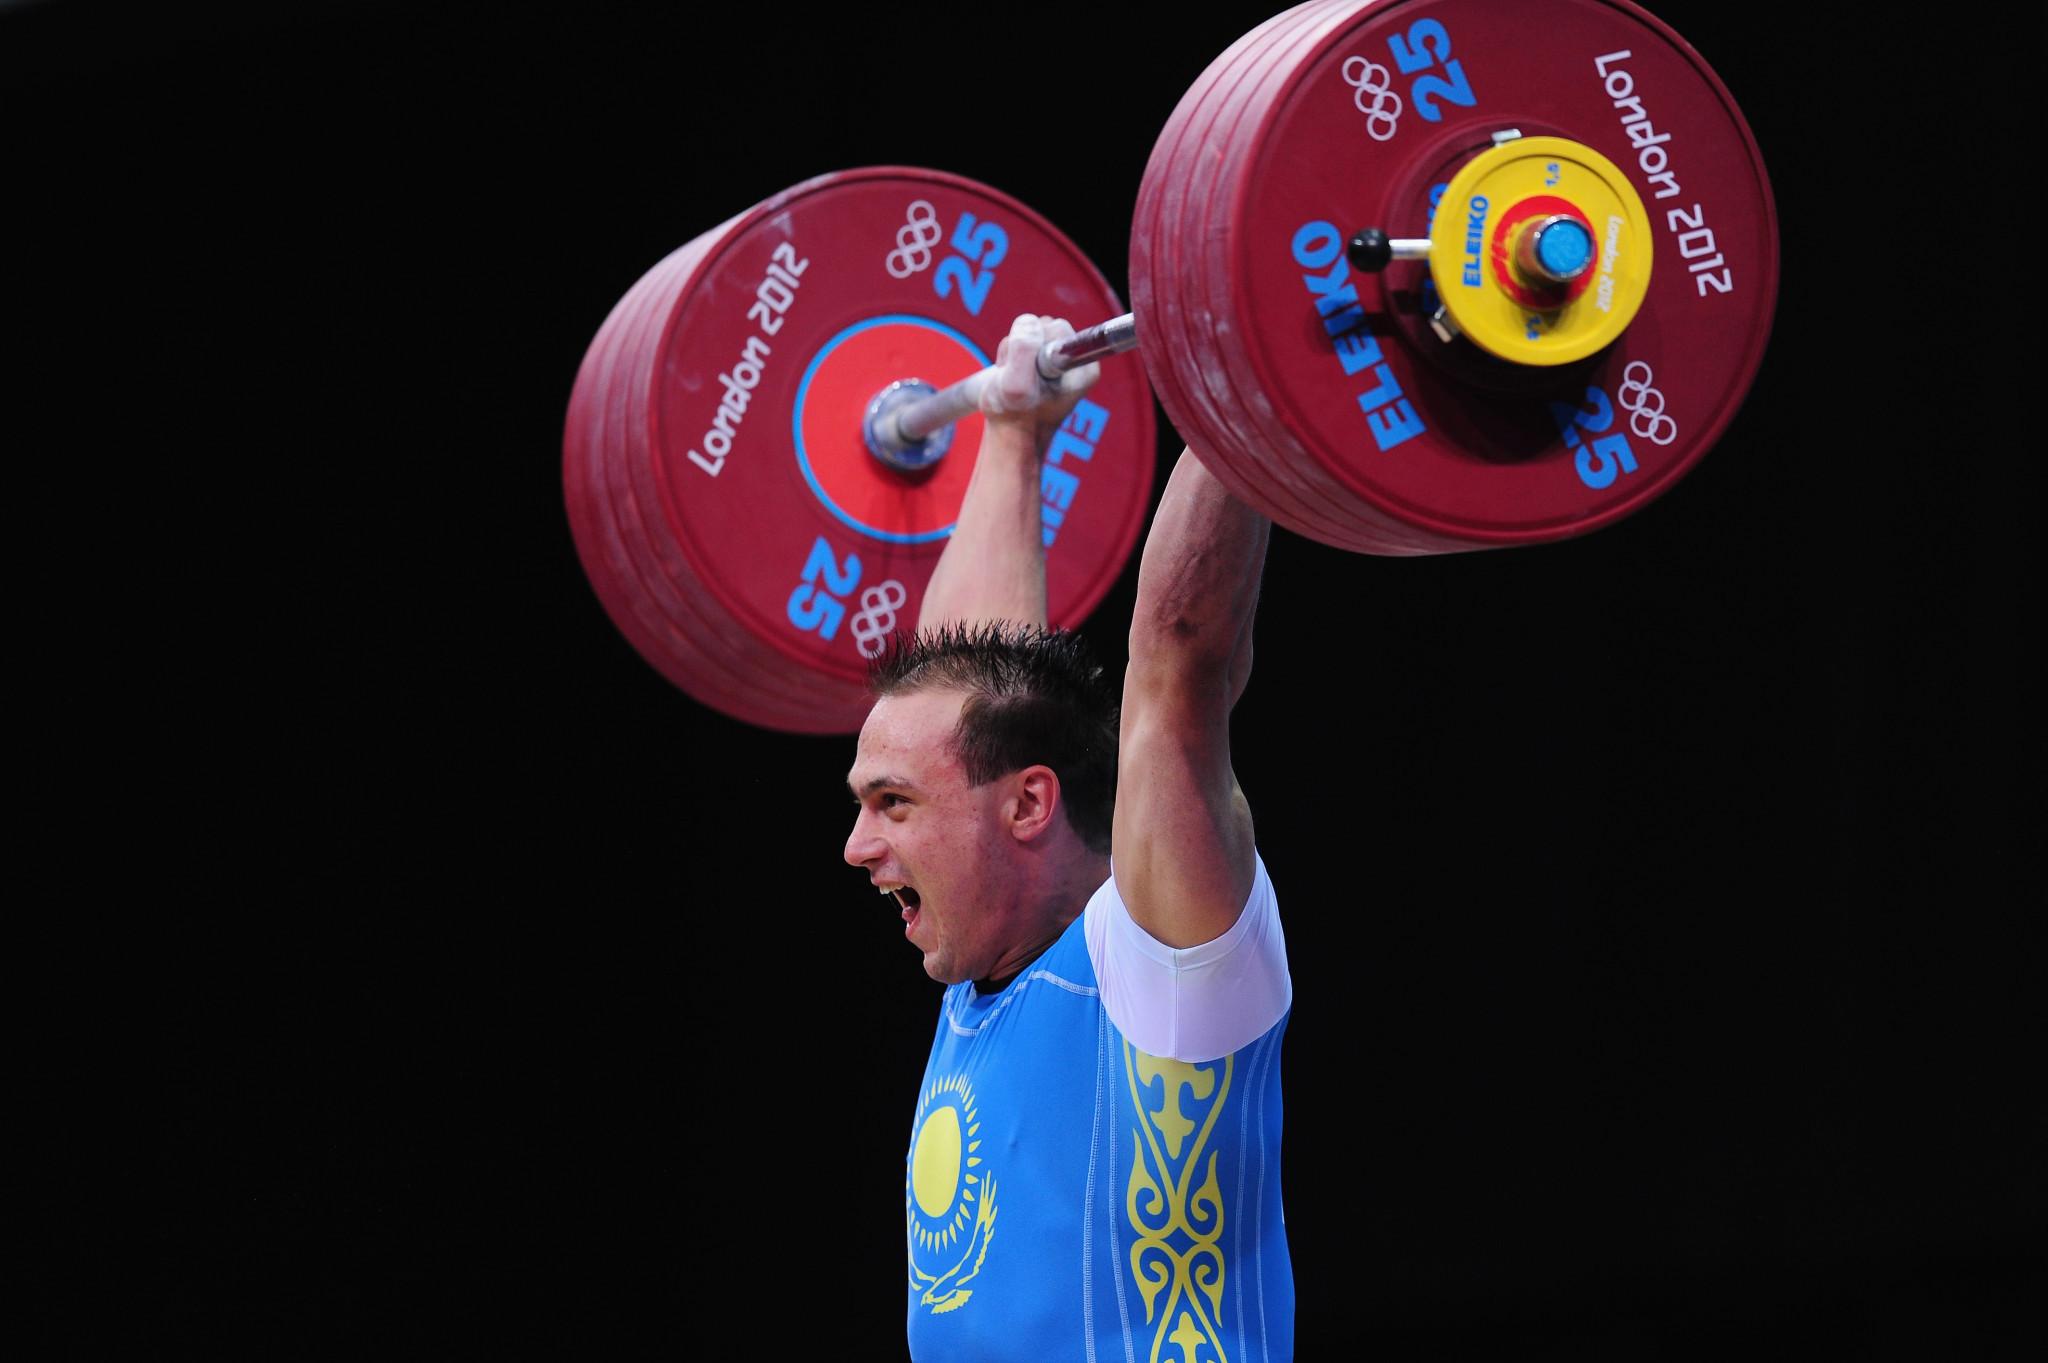 Ilya Ilyin quits weightlifting after Tokyo 2020 postponement